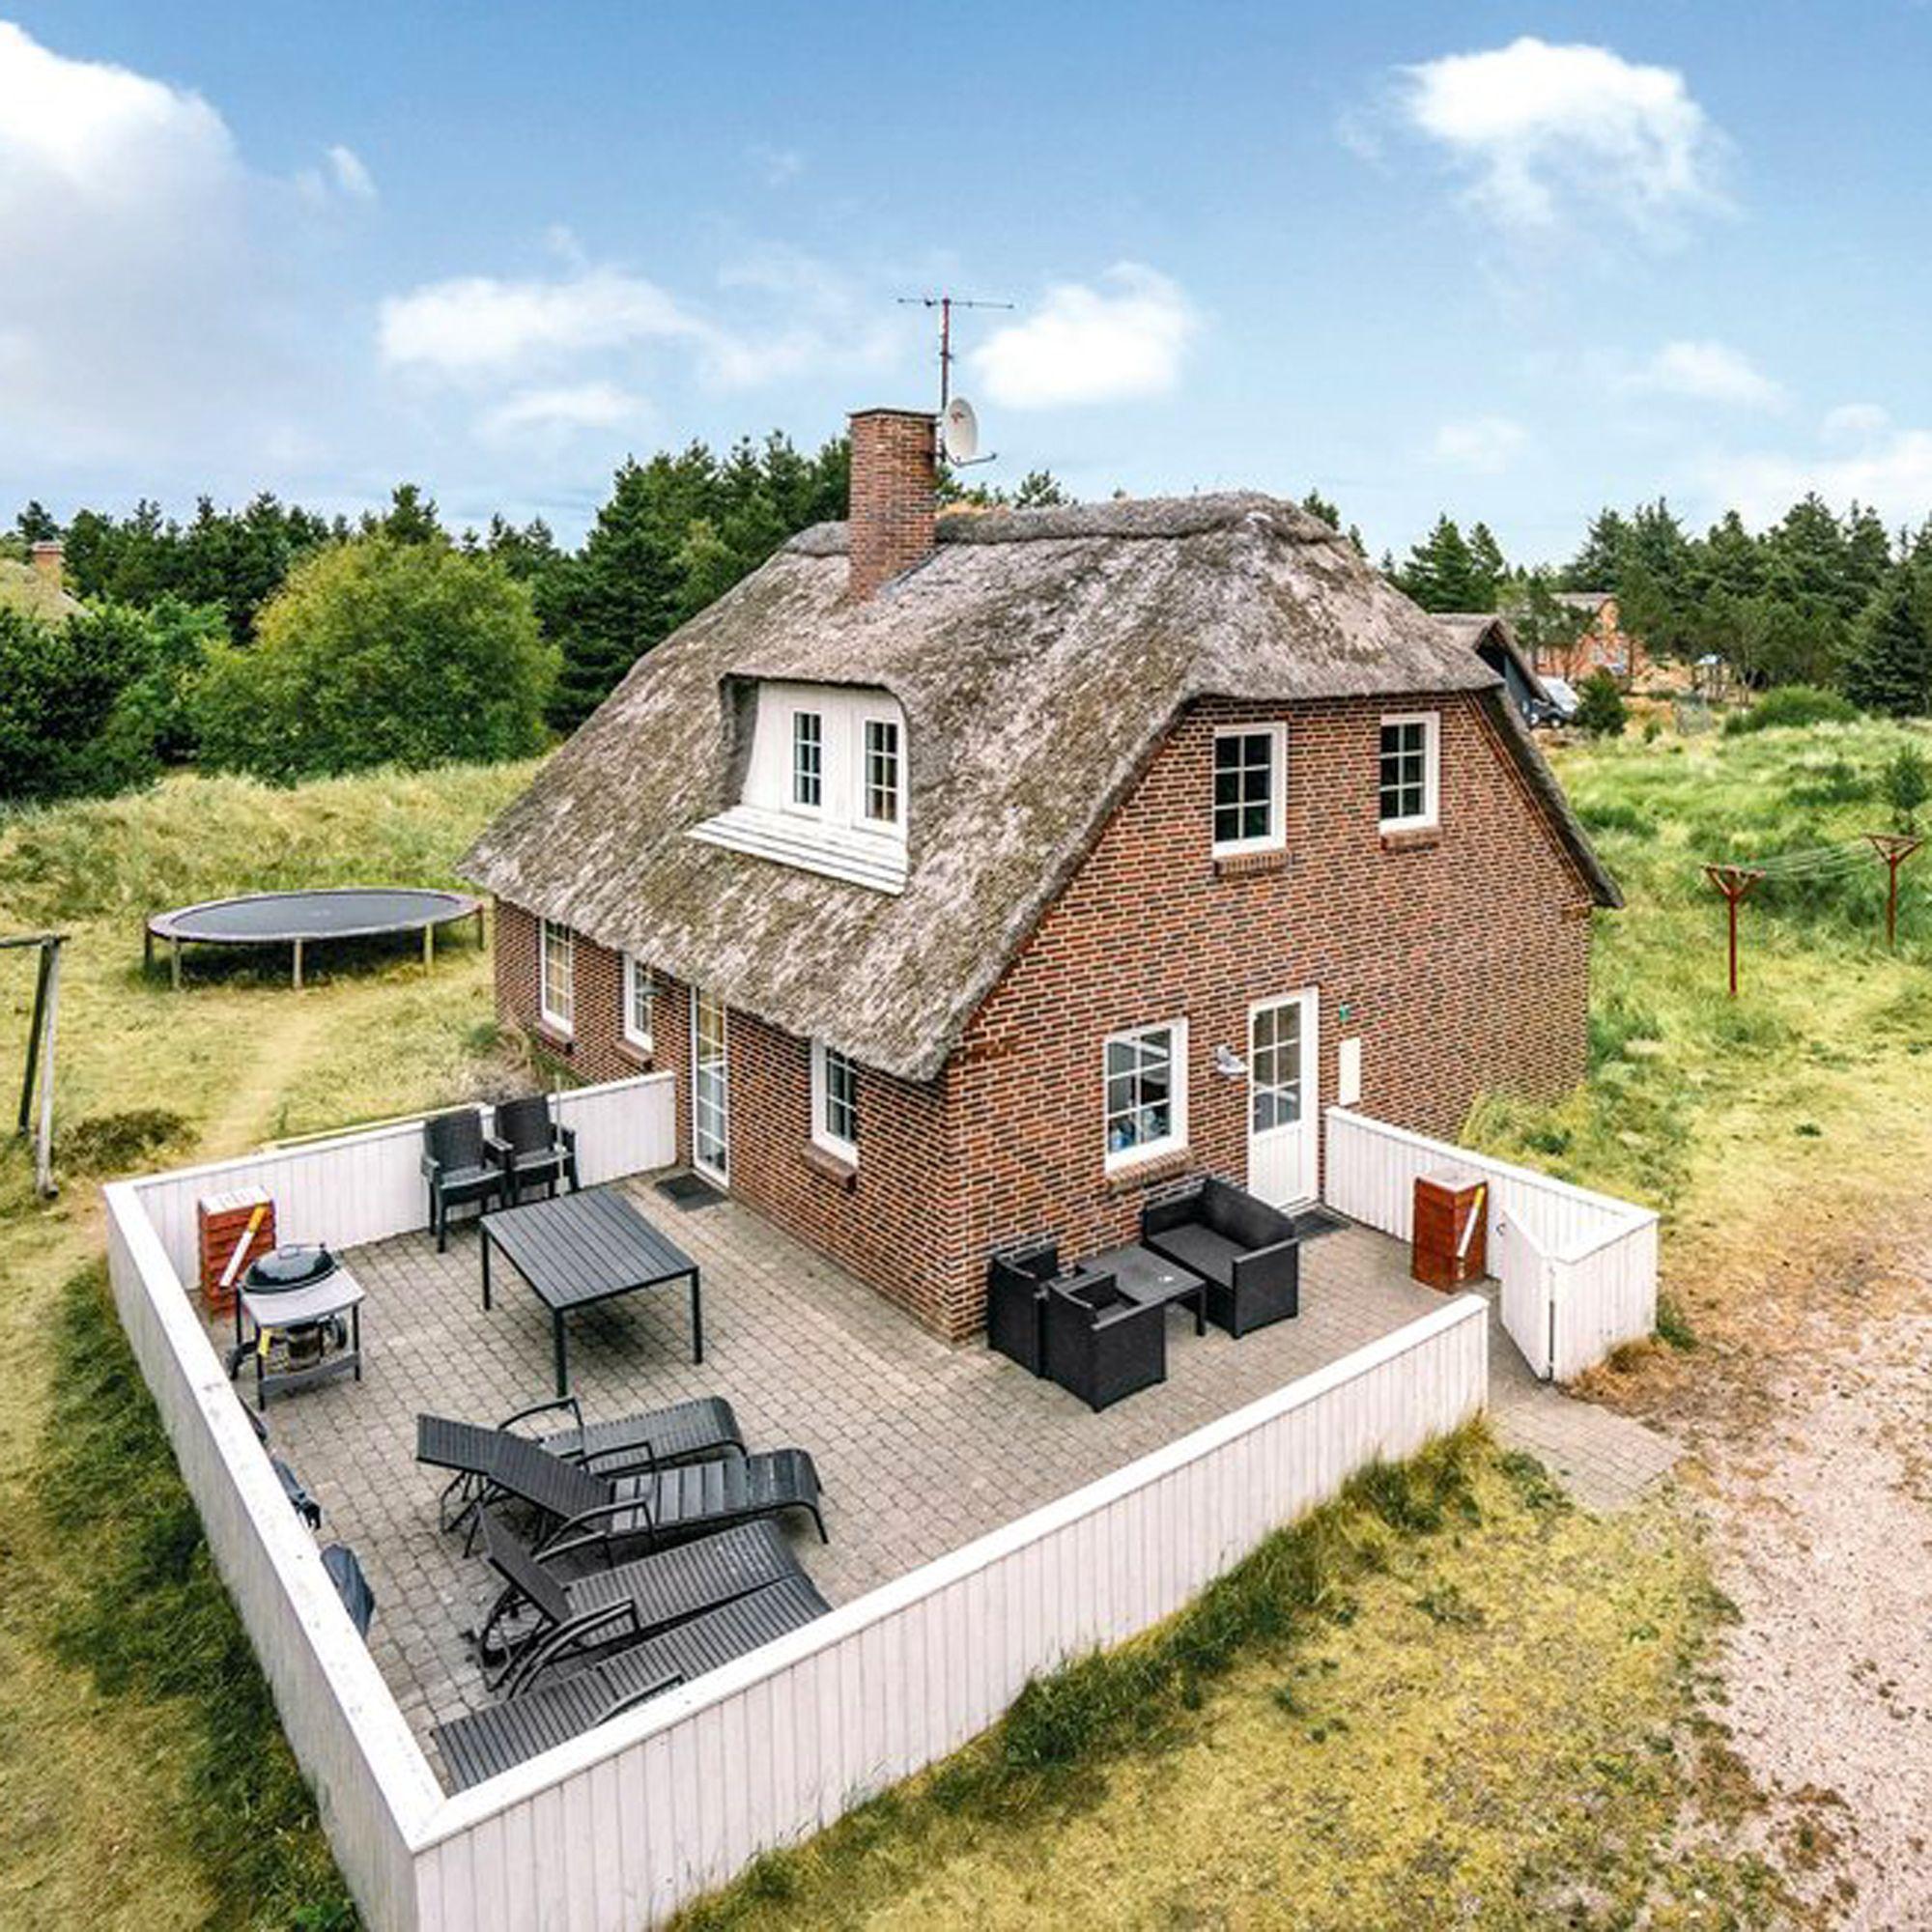 Dein Ferienhaus Dänemark.de in 2019 Ferienhaus, Haus